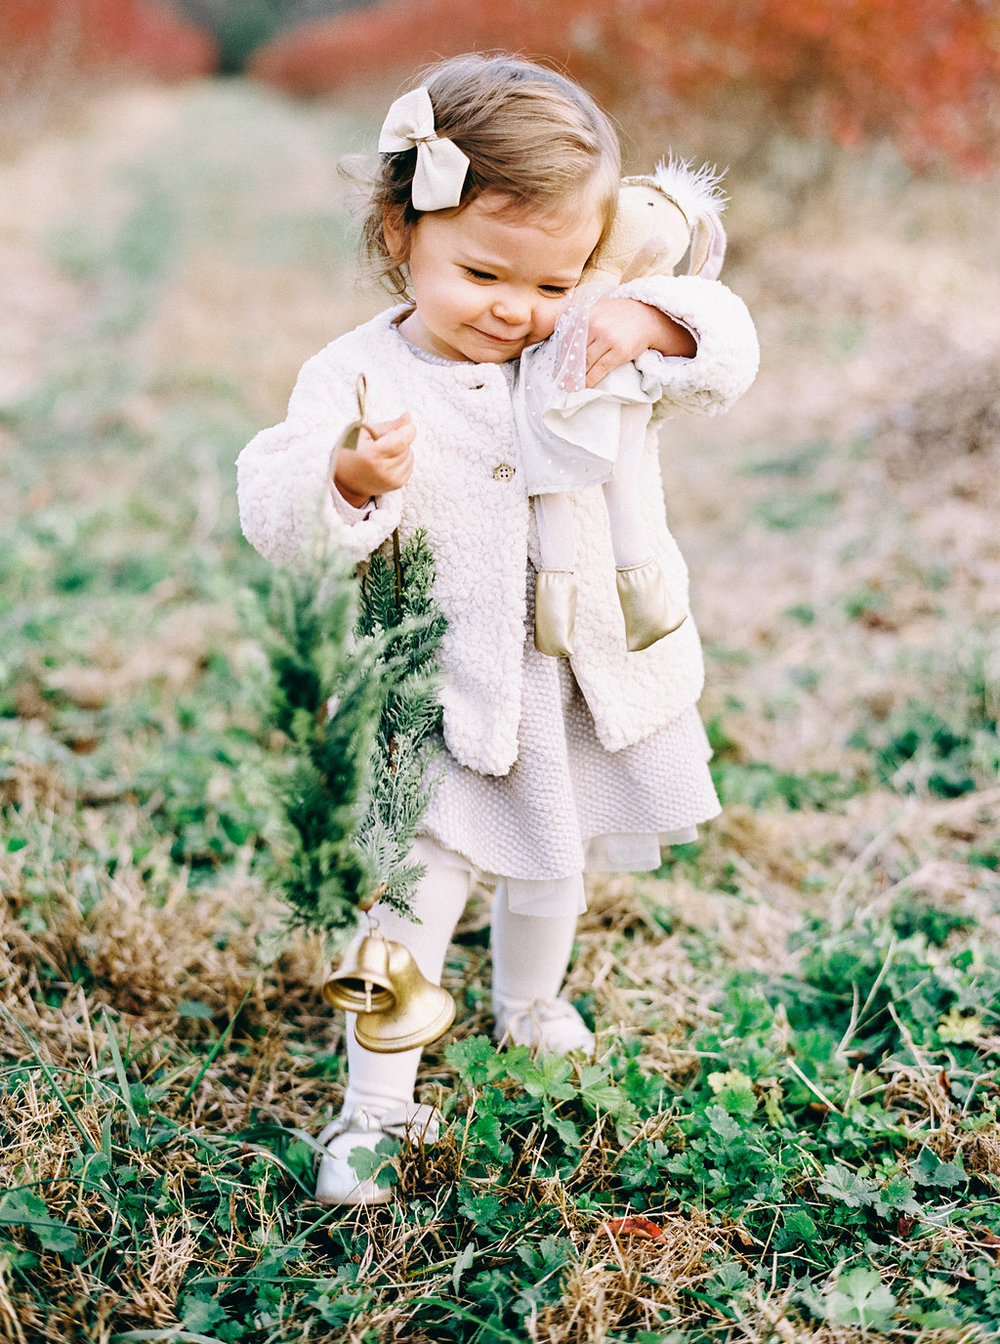 NikkiSanterre_VirginiaFilmMotherhoodPhotographer_NikkiChristmasFilm-29.jpg